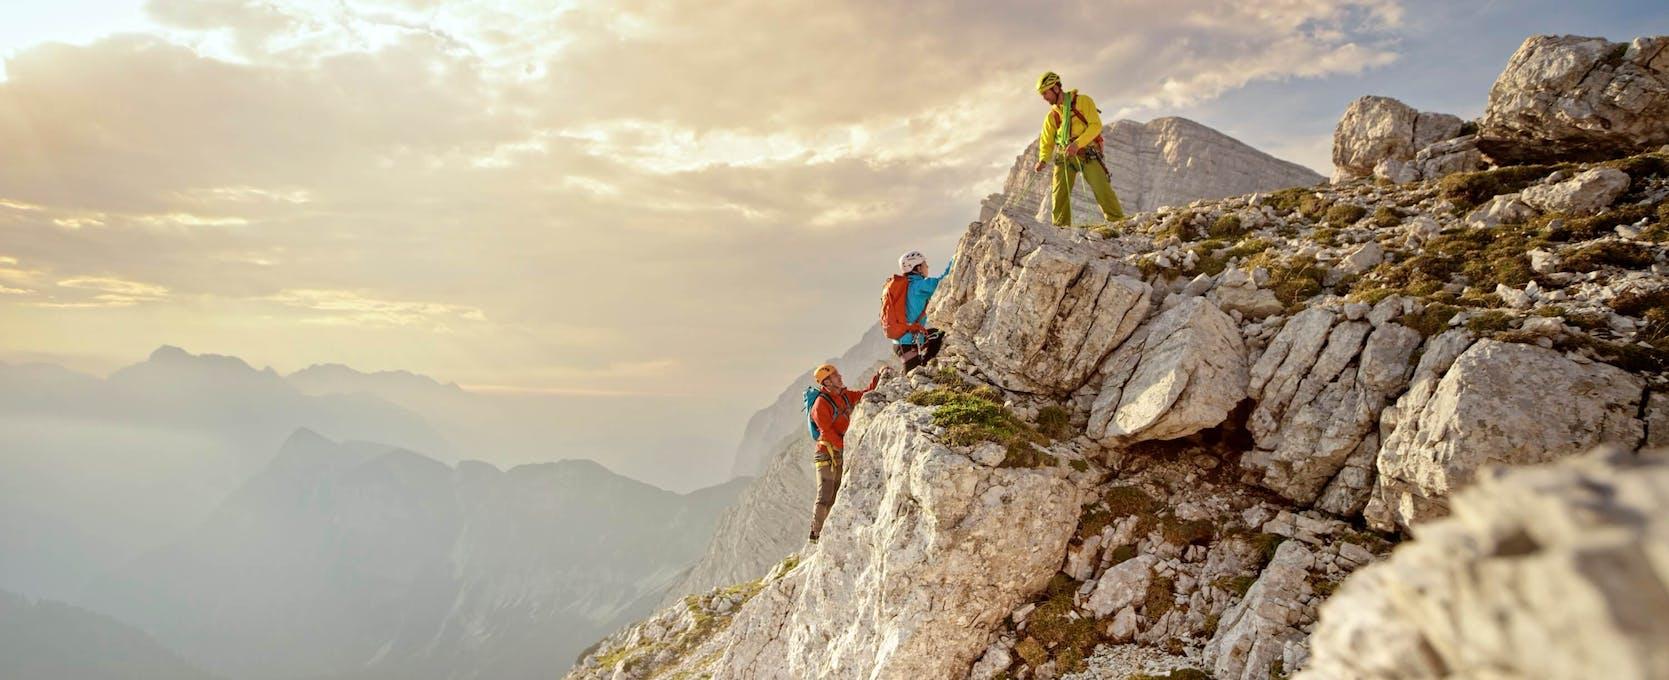 Climbers move forward avoiding risks to reach their goal, the summit